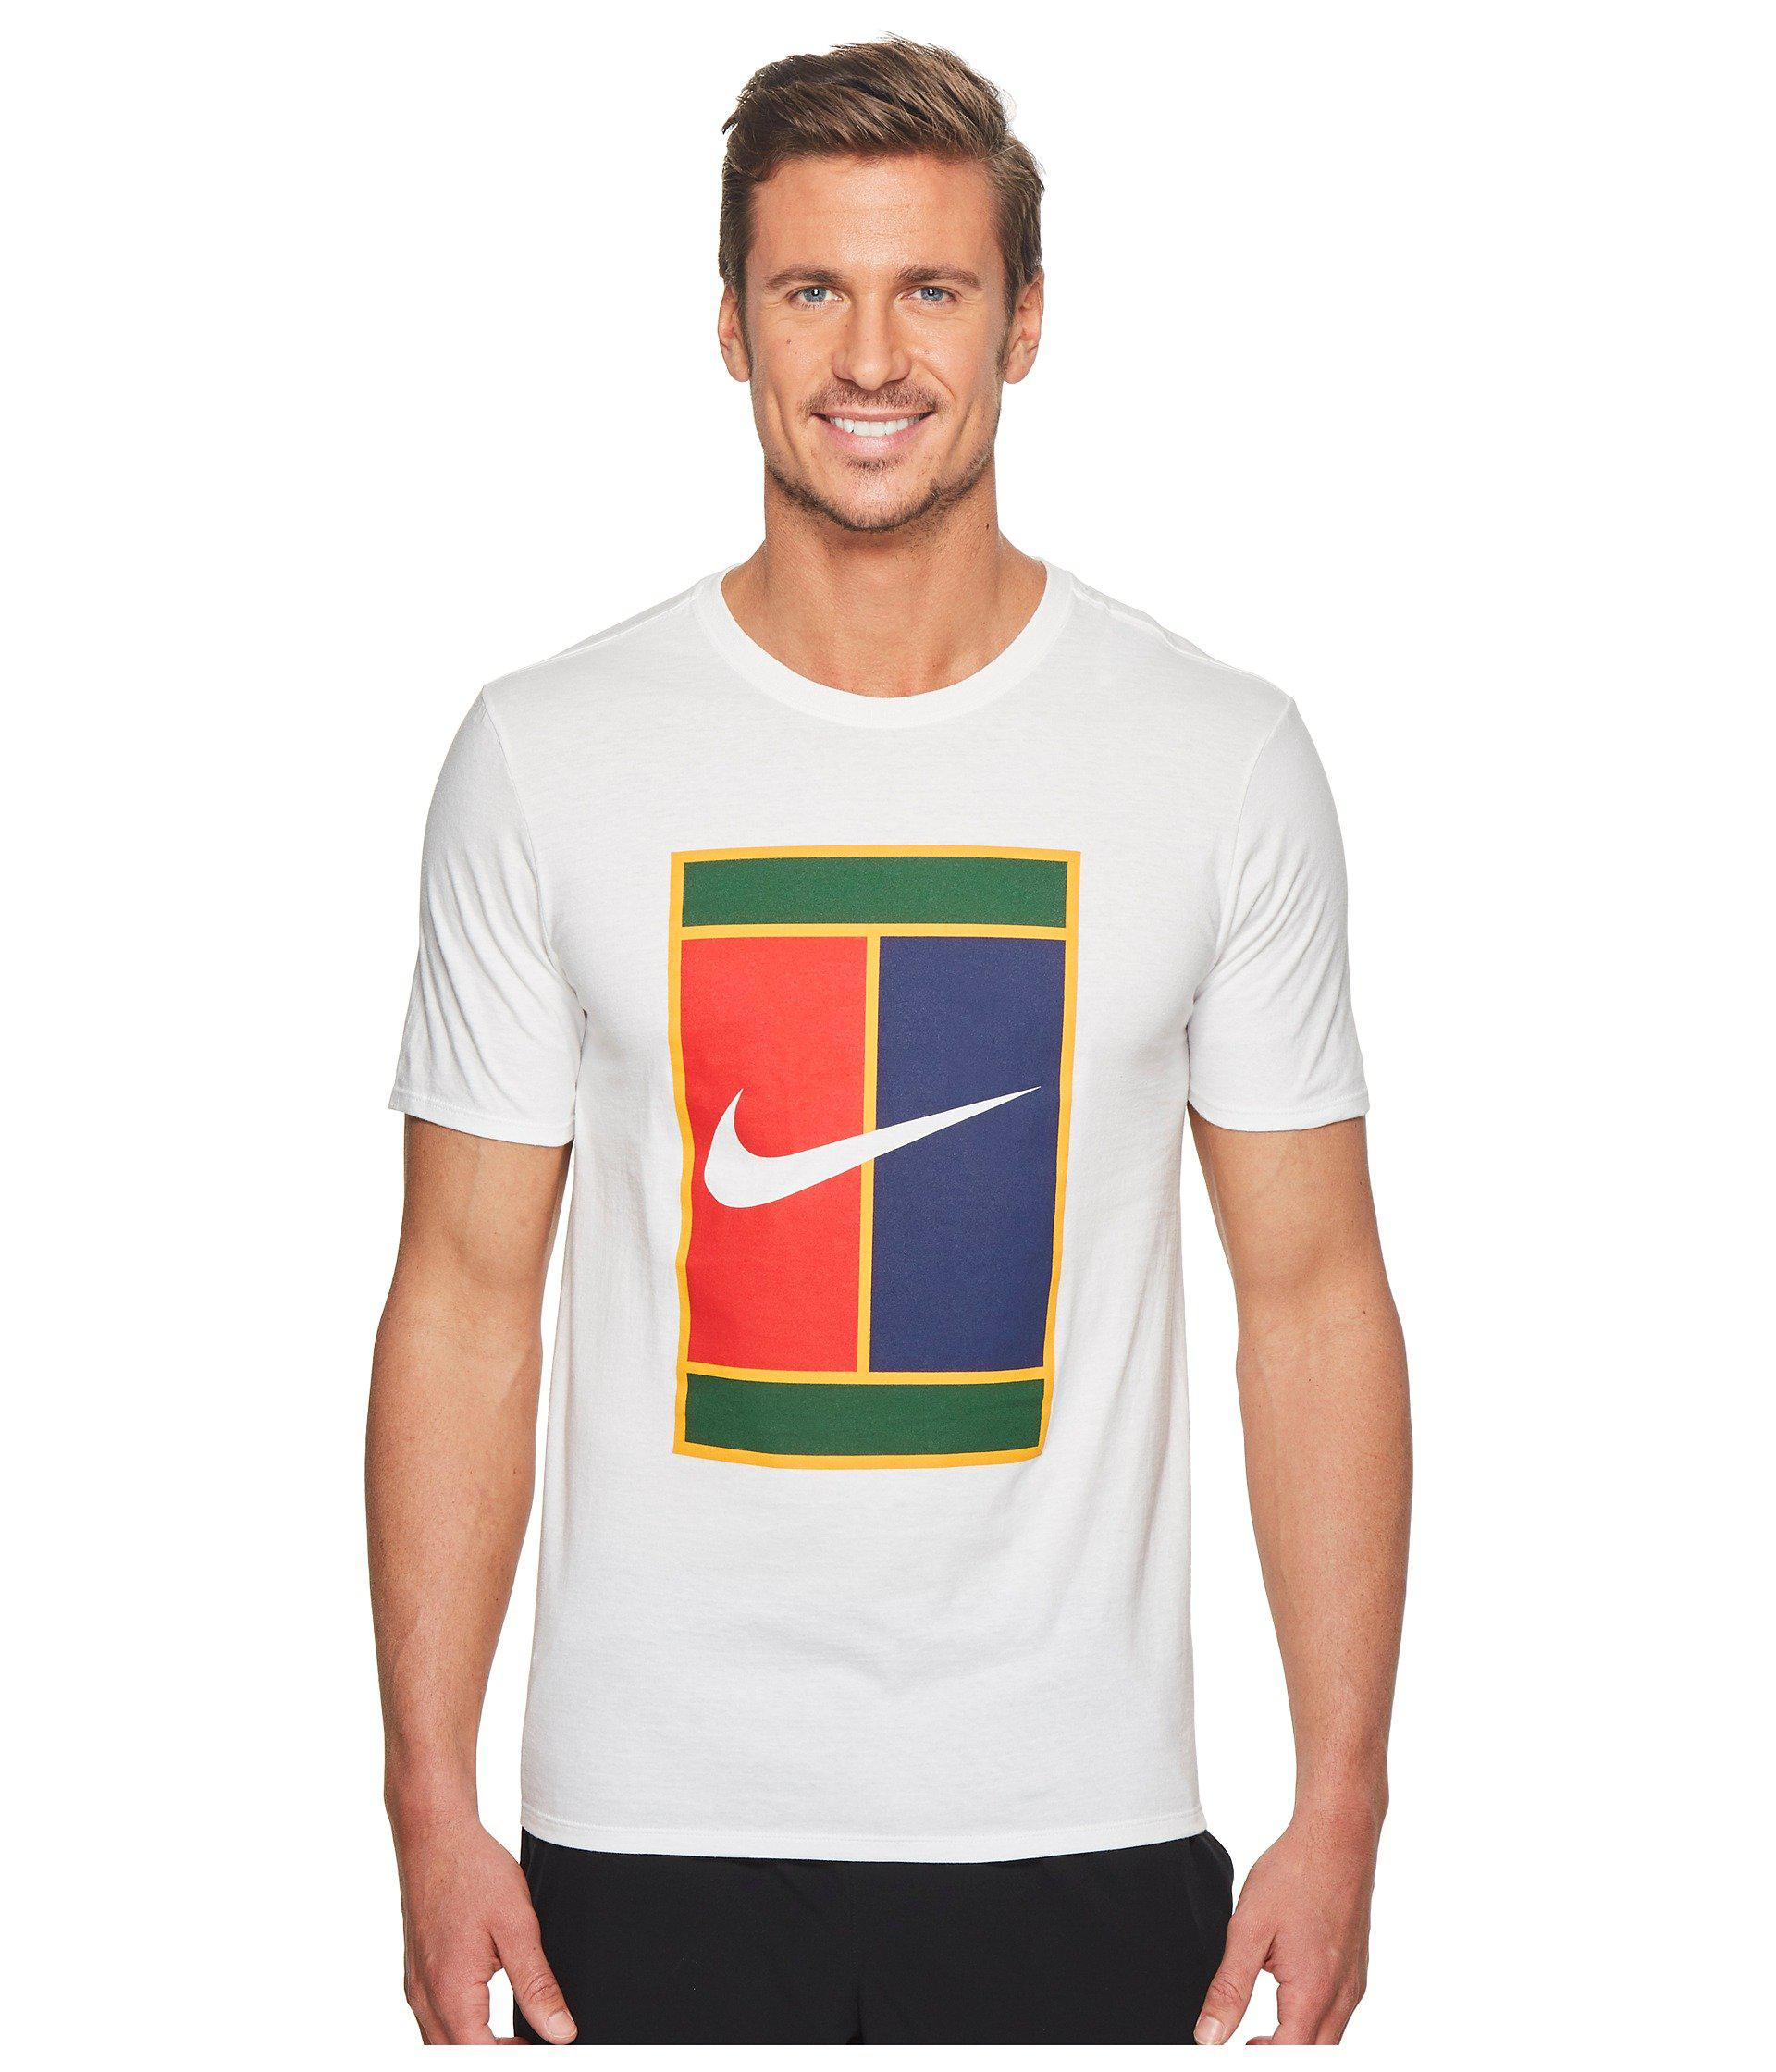 Lyst - Nike Court Heritage Logo Tennis Tee in White for Men b9b8268ebcd